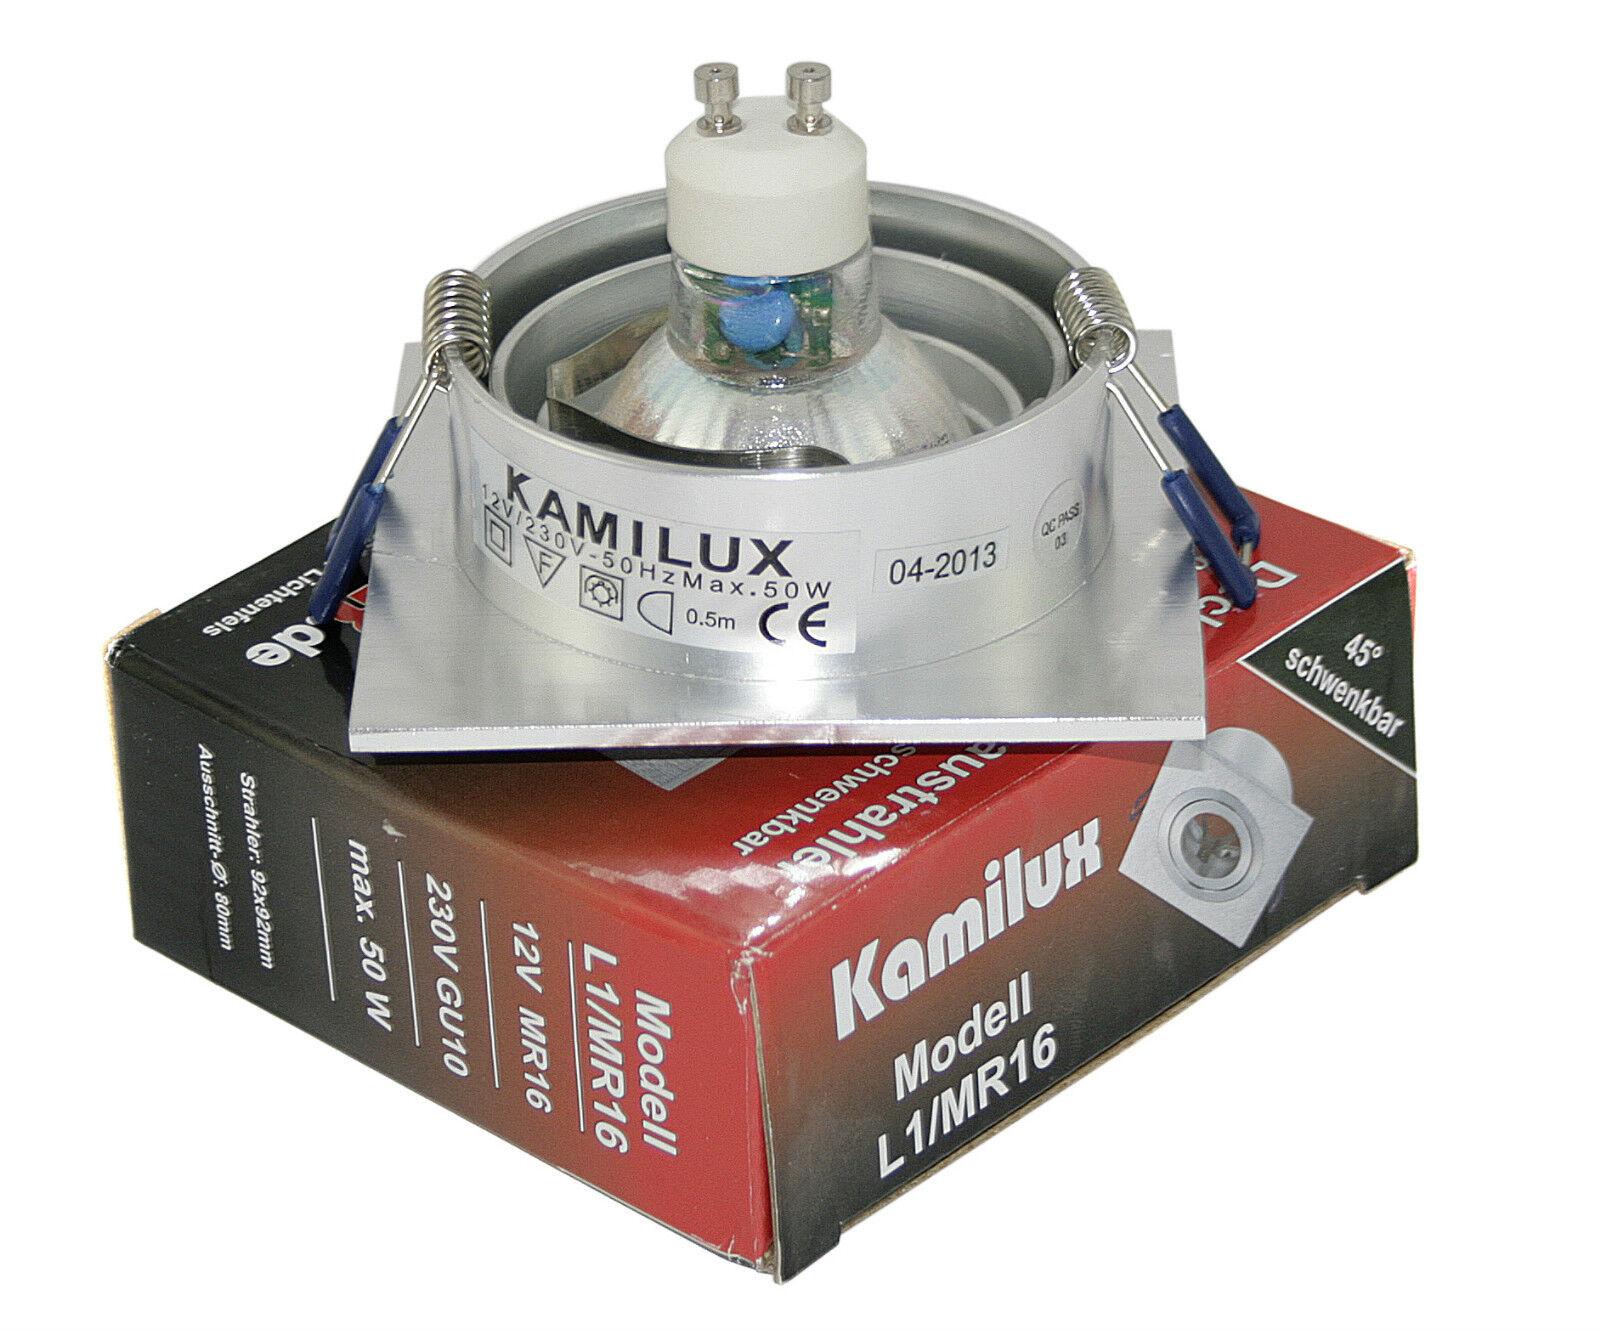 LED 230v techos emisor de de de instalación con 5w = 50w gu10 Kanto triangular de juegos de 1-10er 434a0f